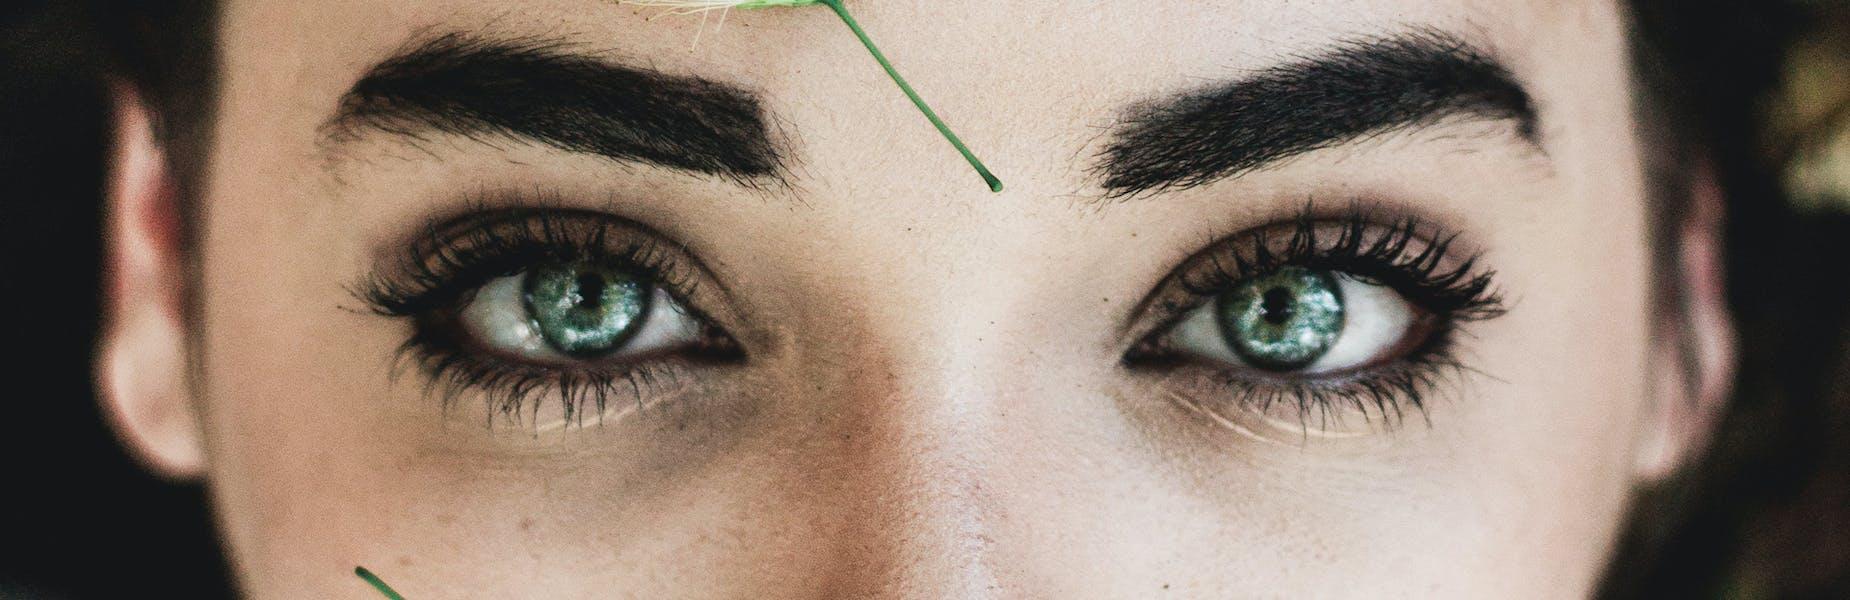 Come truccare gli occhi azzurri per metterli in risalto - L'Officiel Italia